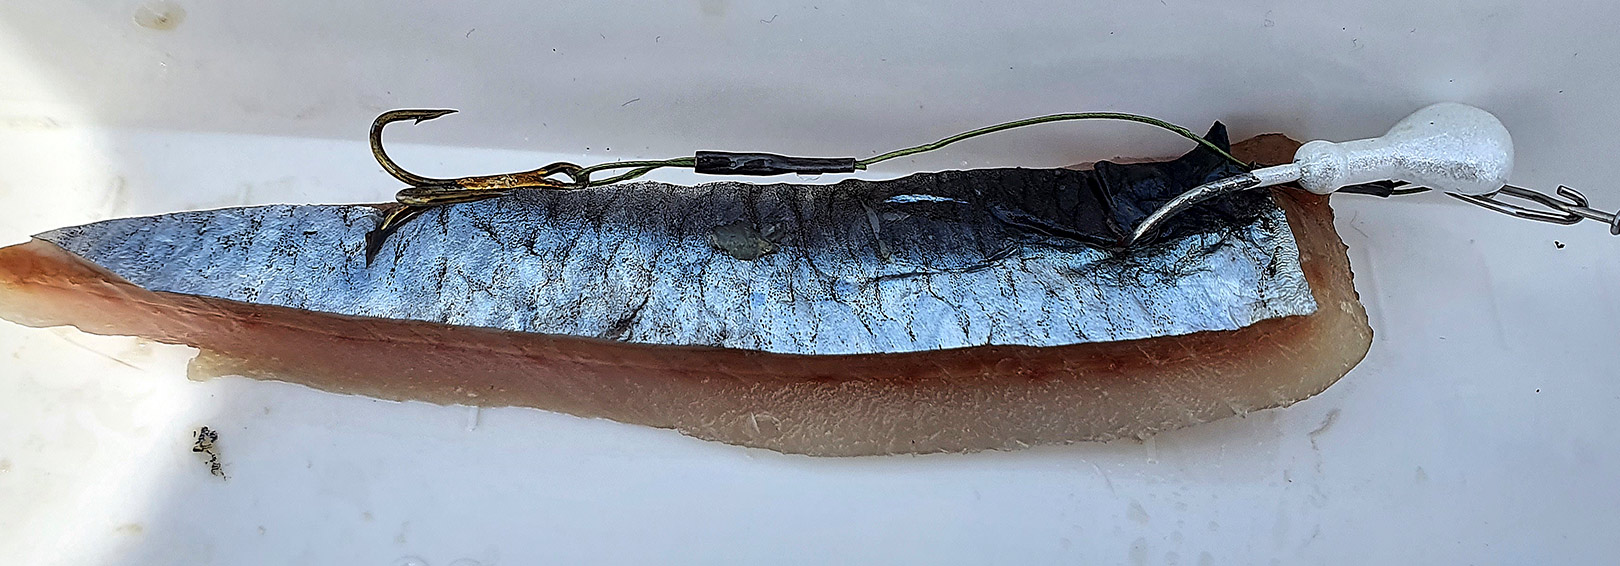 Her ses det lille jighoved samt stingeren i str. 10 monteret på et smalt konisk sildestykke. Silden er skåret sådan, for at få det til at flakse lidt i strømmen. Jeg bruger primært stykker fra den nederste halvdel af silden, da det har den lyseste farve, og derved skinner mest i vandet.